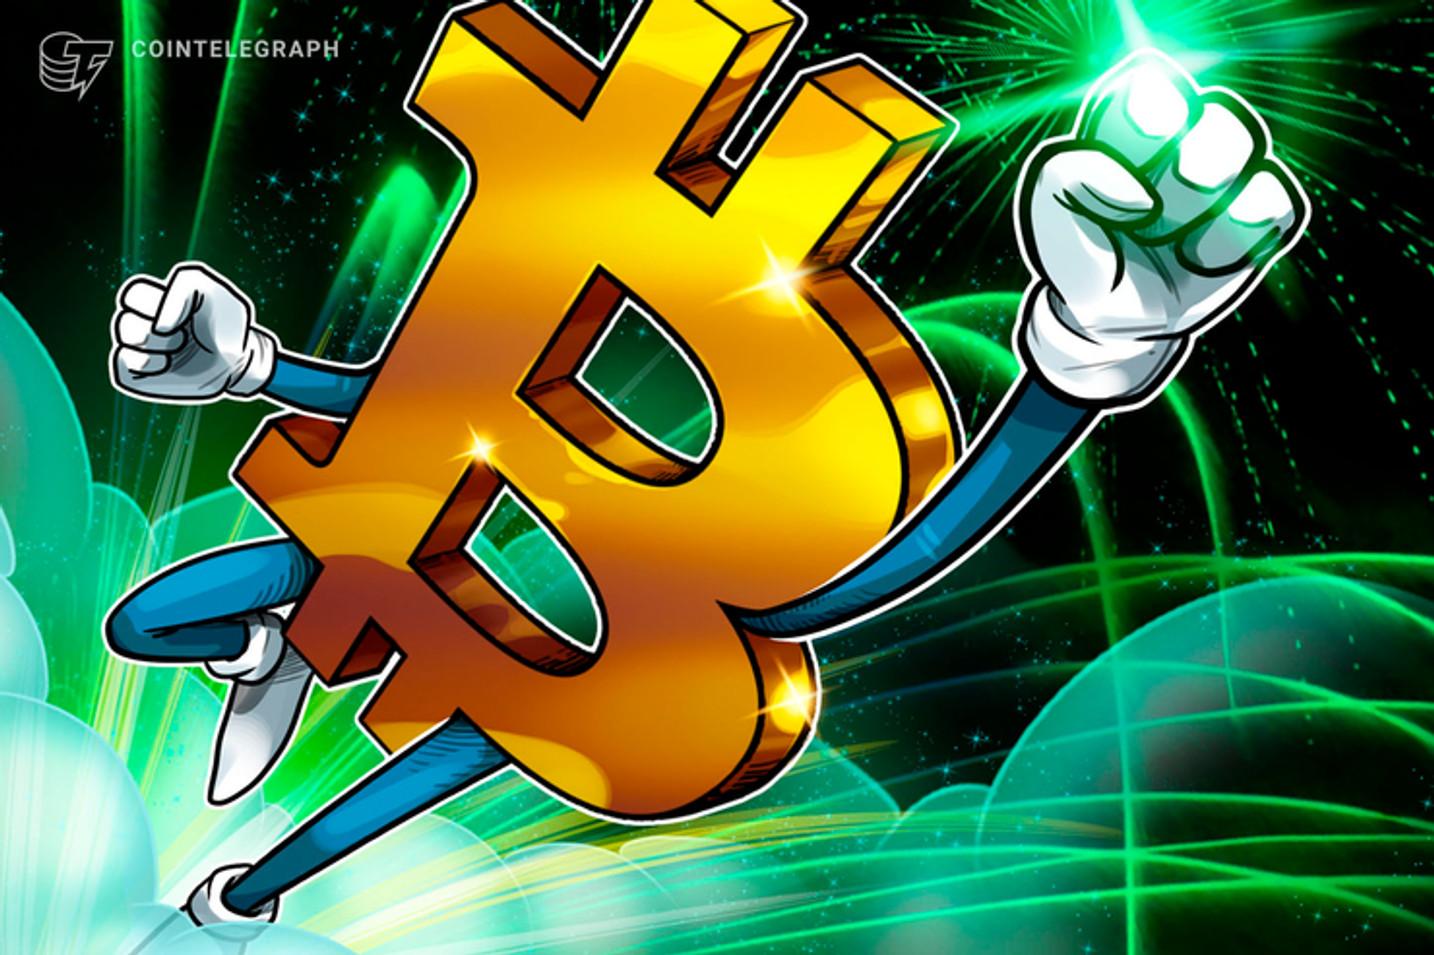 Crítico do Bitcoin, ex-Globo Samy Dana recomenda 'muito cuidado' ao investir em BTC